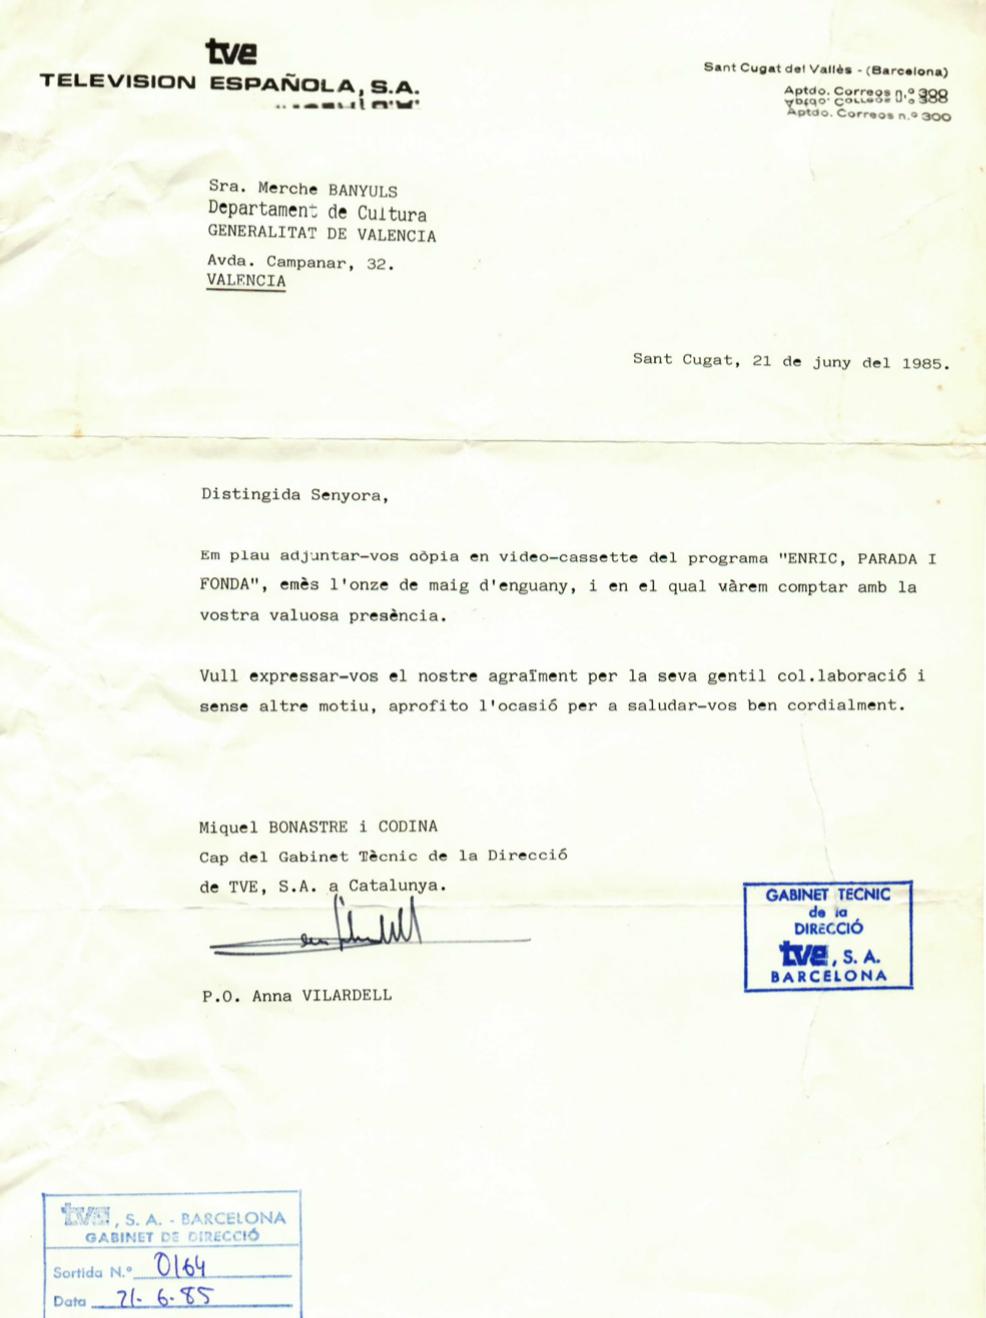 1985 Aigraïment TVE Catalunya. Programa Enric, Parada i Fonda